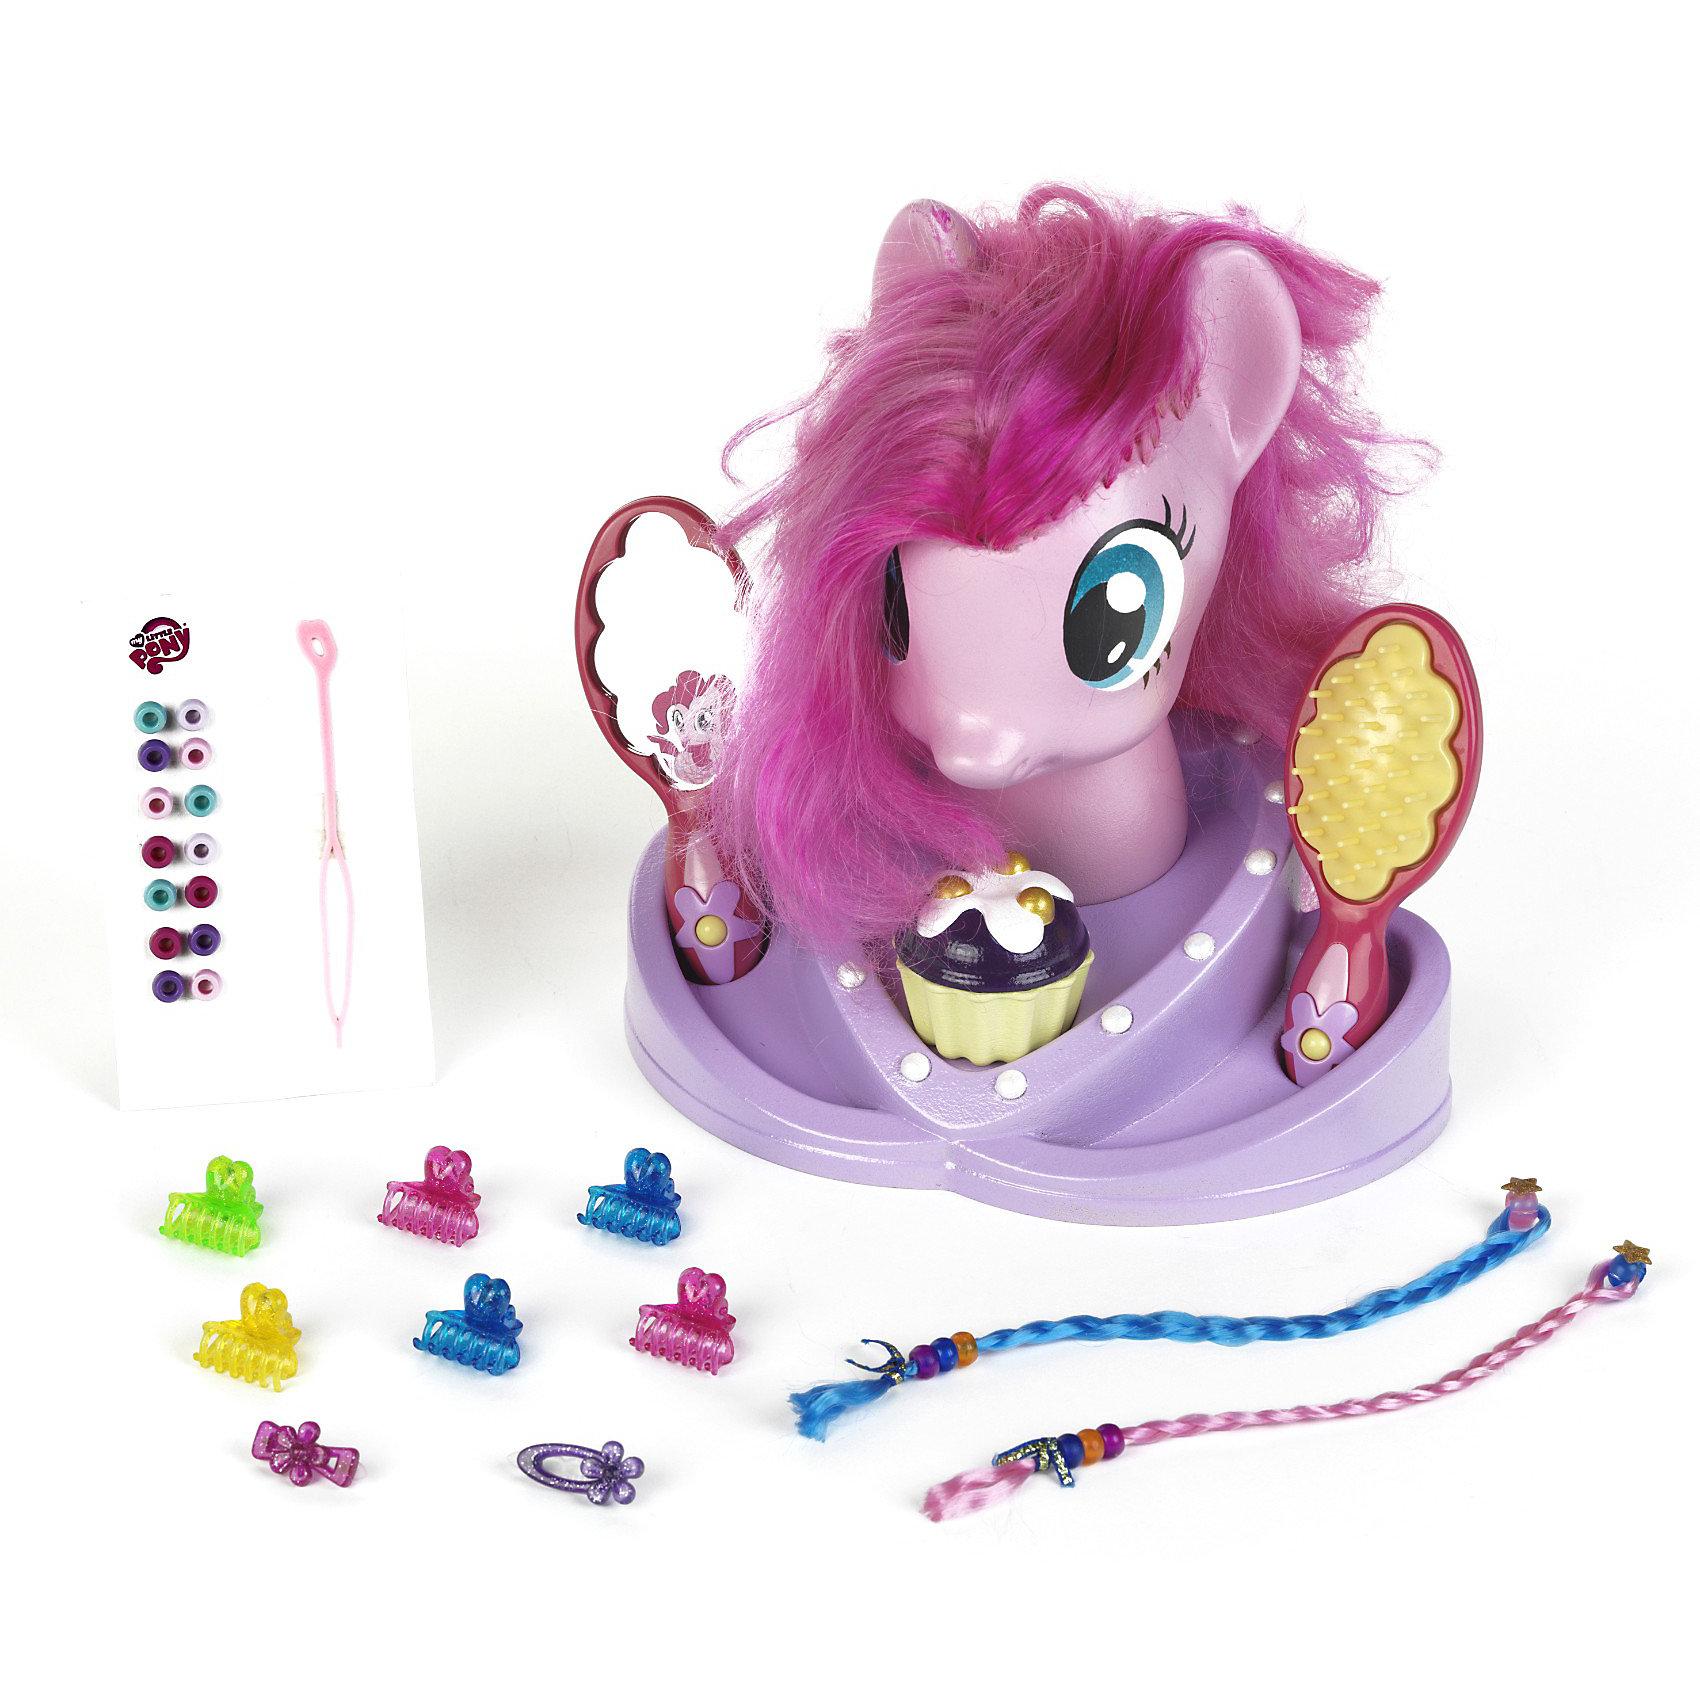 Модель для причесок, My Little PonyМодель для причесок, My Little Pony (Моя маленькая Пони) – это восхитительный игровой набор для вашего ребенка.<br>Модель для причесок Моя Маленькая Пони. – это голова пони с длинной розовой гривой и множество парикмахерских аксессуаров. Можно плести косички, делать хвостики, украшать локоны бусинами и создавать разные волшебные образы любимого сказочного персонажа. Увлекательная игра, улучшающая мелкую моторику, позволяющая юной барышне развивать фантазию, вкус, а так же учиться делать всевозможные прически, как Маленькому Пони, так и себе. Все предметы комплекта изготовлены из безопасного и прочного пластика.<br><br>Дополнительная информация:<br><br>- Возраст: для детей от 3 лет<br>- Материал: винил, пластмасса, текстиль<br>- В наборе:  манекен (голова пони), расческа-щетка, безопасное зеркало, заколочки, крабики, бусины для волос, 2 съемные цветные косички, шкатулка для украшений в виде маффина<br>- Высота манекена: 25 см.<br>- Размер упаковки: 33 х 32 х 22 см.<br><br>Модель для причесок, My Little Pony (Май Литл Пони) от klein (Кляйн) можно купить в нашем интернет-магазине.<br><br>Ширина мм: 335<br>Глубина мм: 324<br>Высота мм: 224<br>Вес г: 935<br>Возраст от месяцев: 36<br>Возраст до месяцев: 1164<br>Пол: Женский<br>Возраст: Детский<br>SKU: 3191298